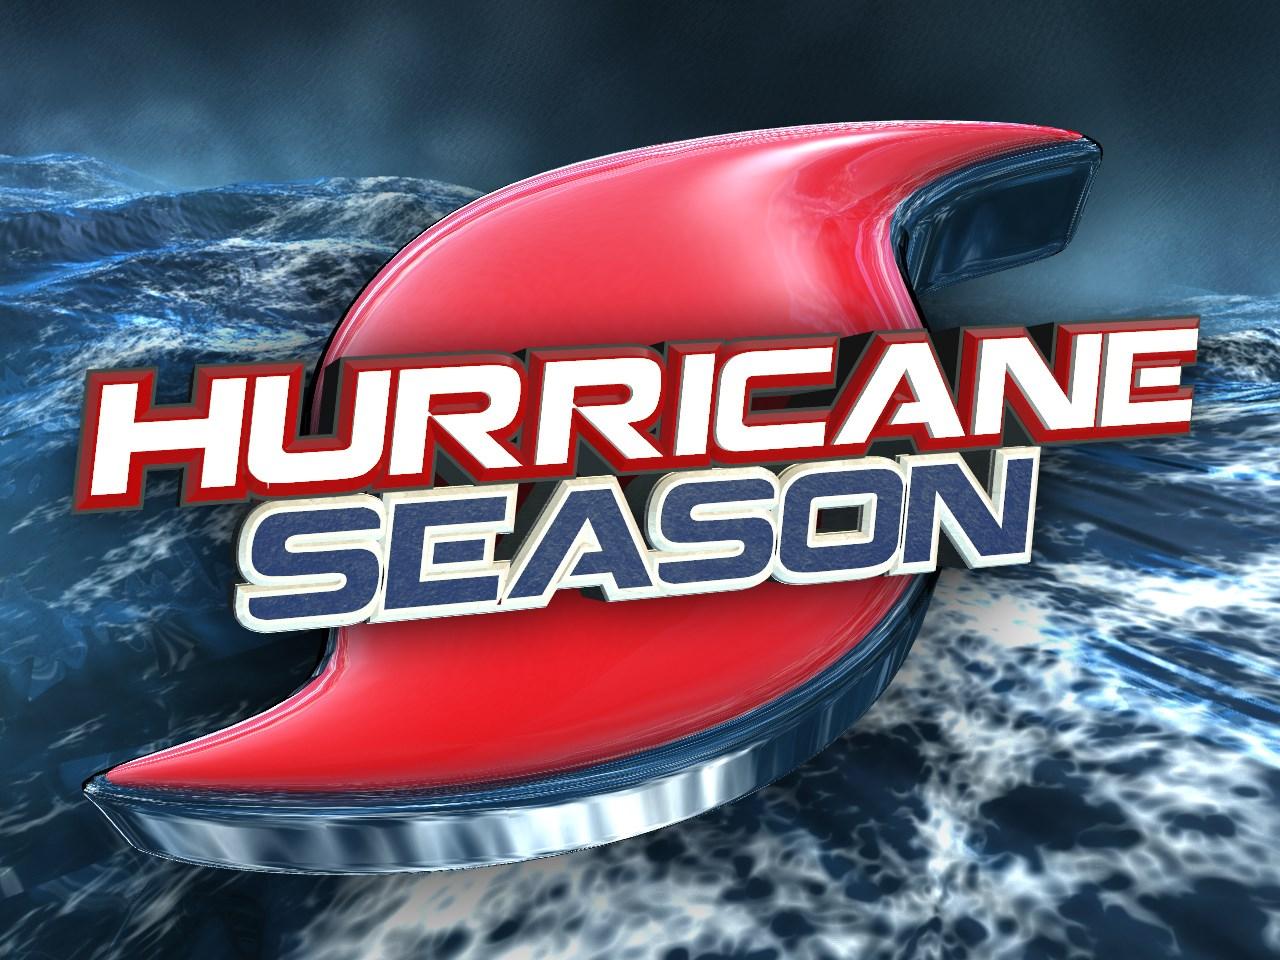 Hurricane season_1527868158213.jpg.jpg